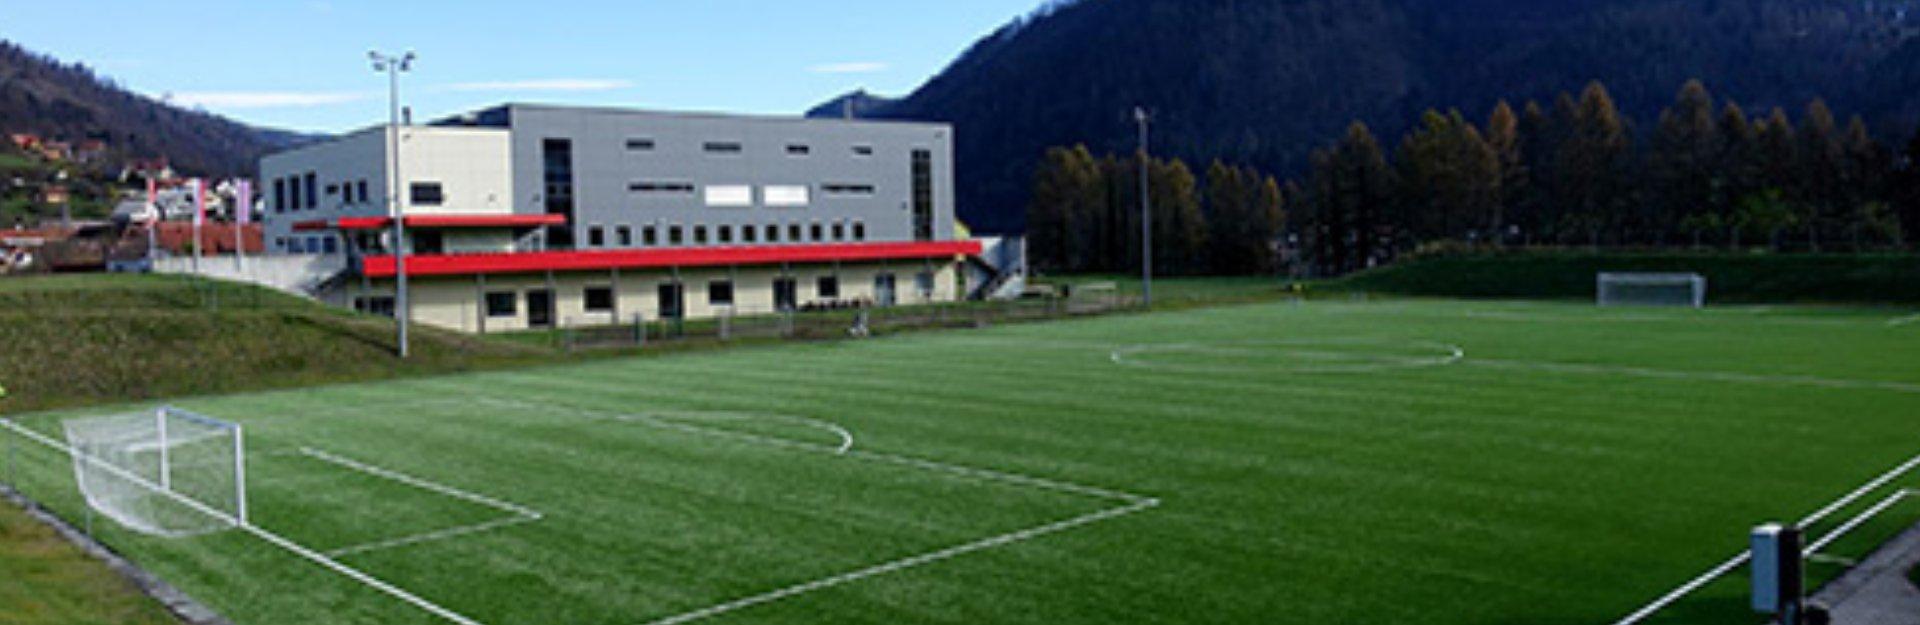 Športni park Dravograd